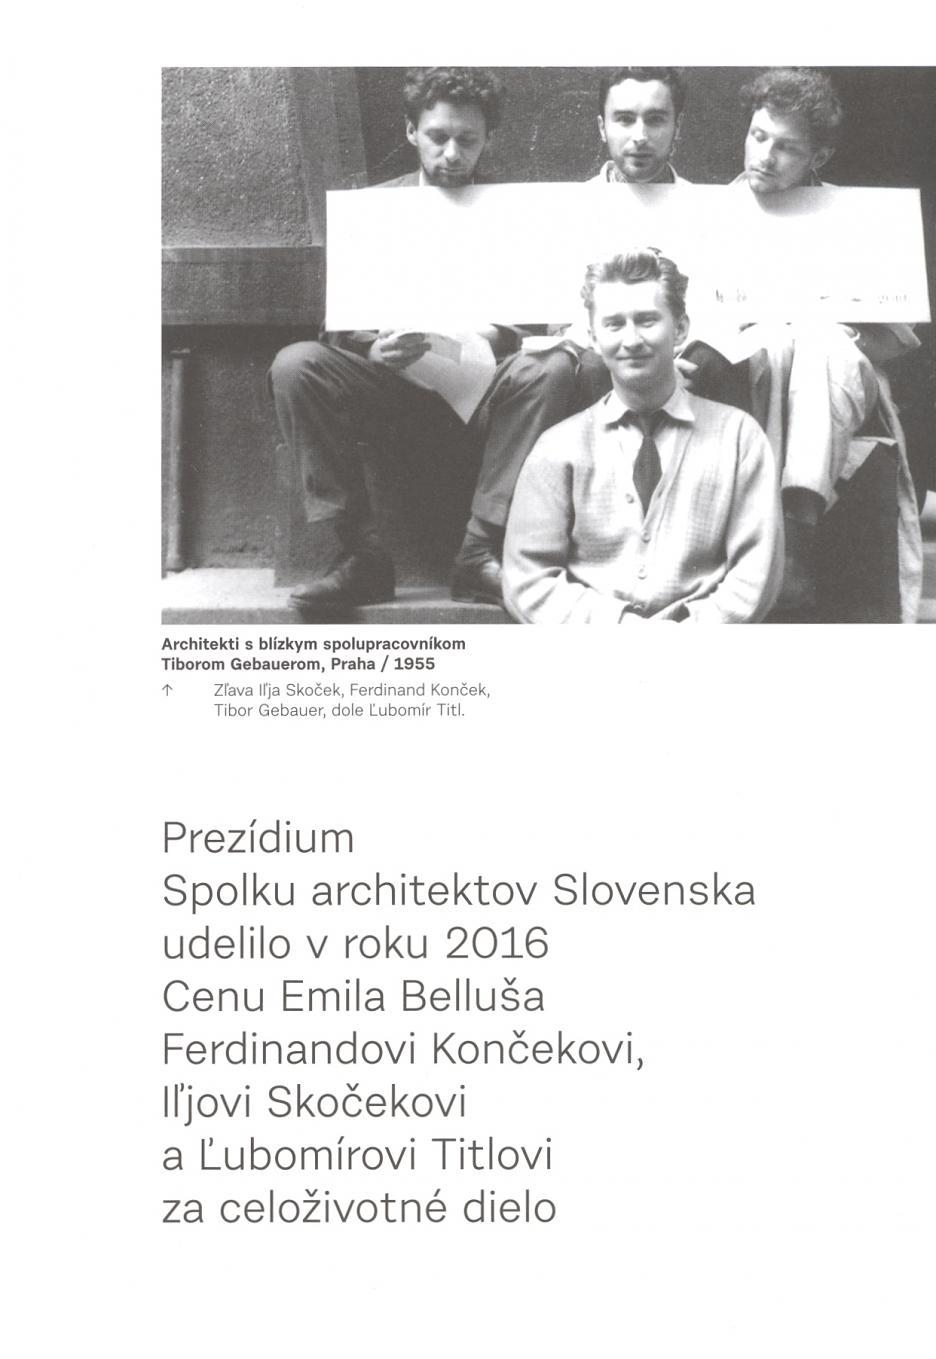 Laureáti ceny Emila Belluša